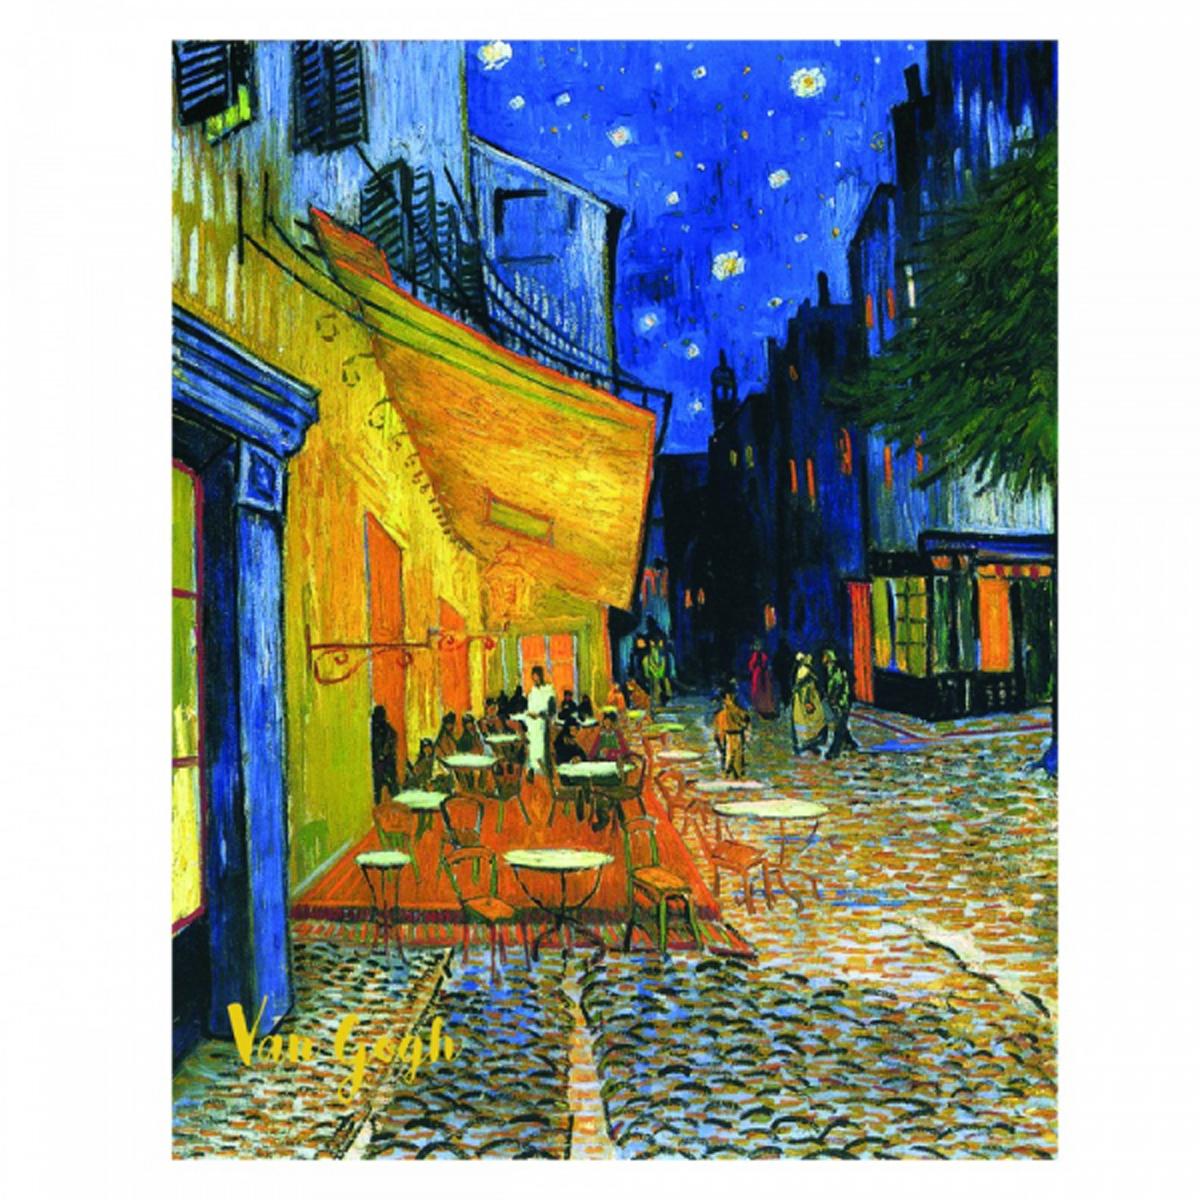 Reproduction \'Vincent Van Gogh\' (Terrasse du café le soir) - 30x20 cm - [R2015]